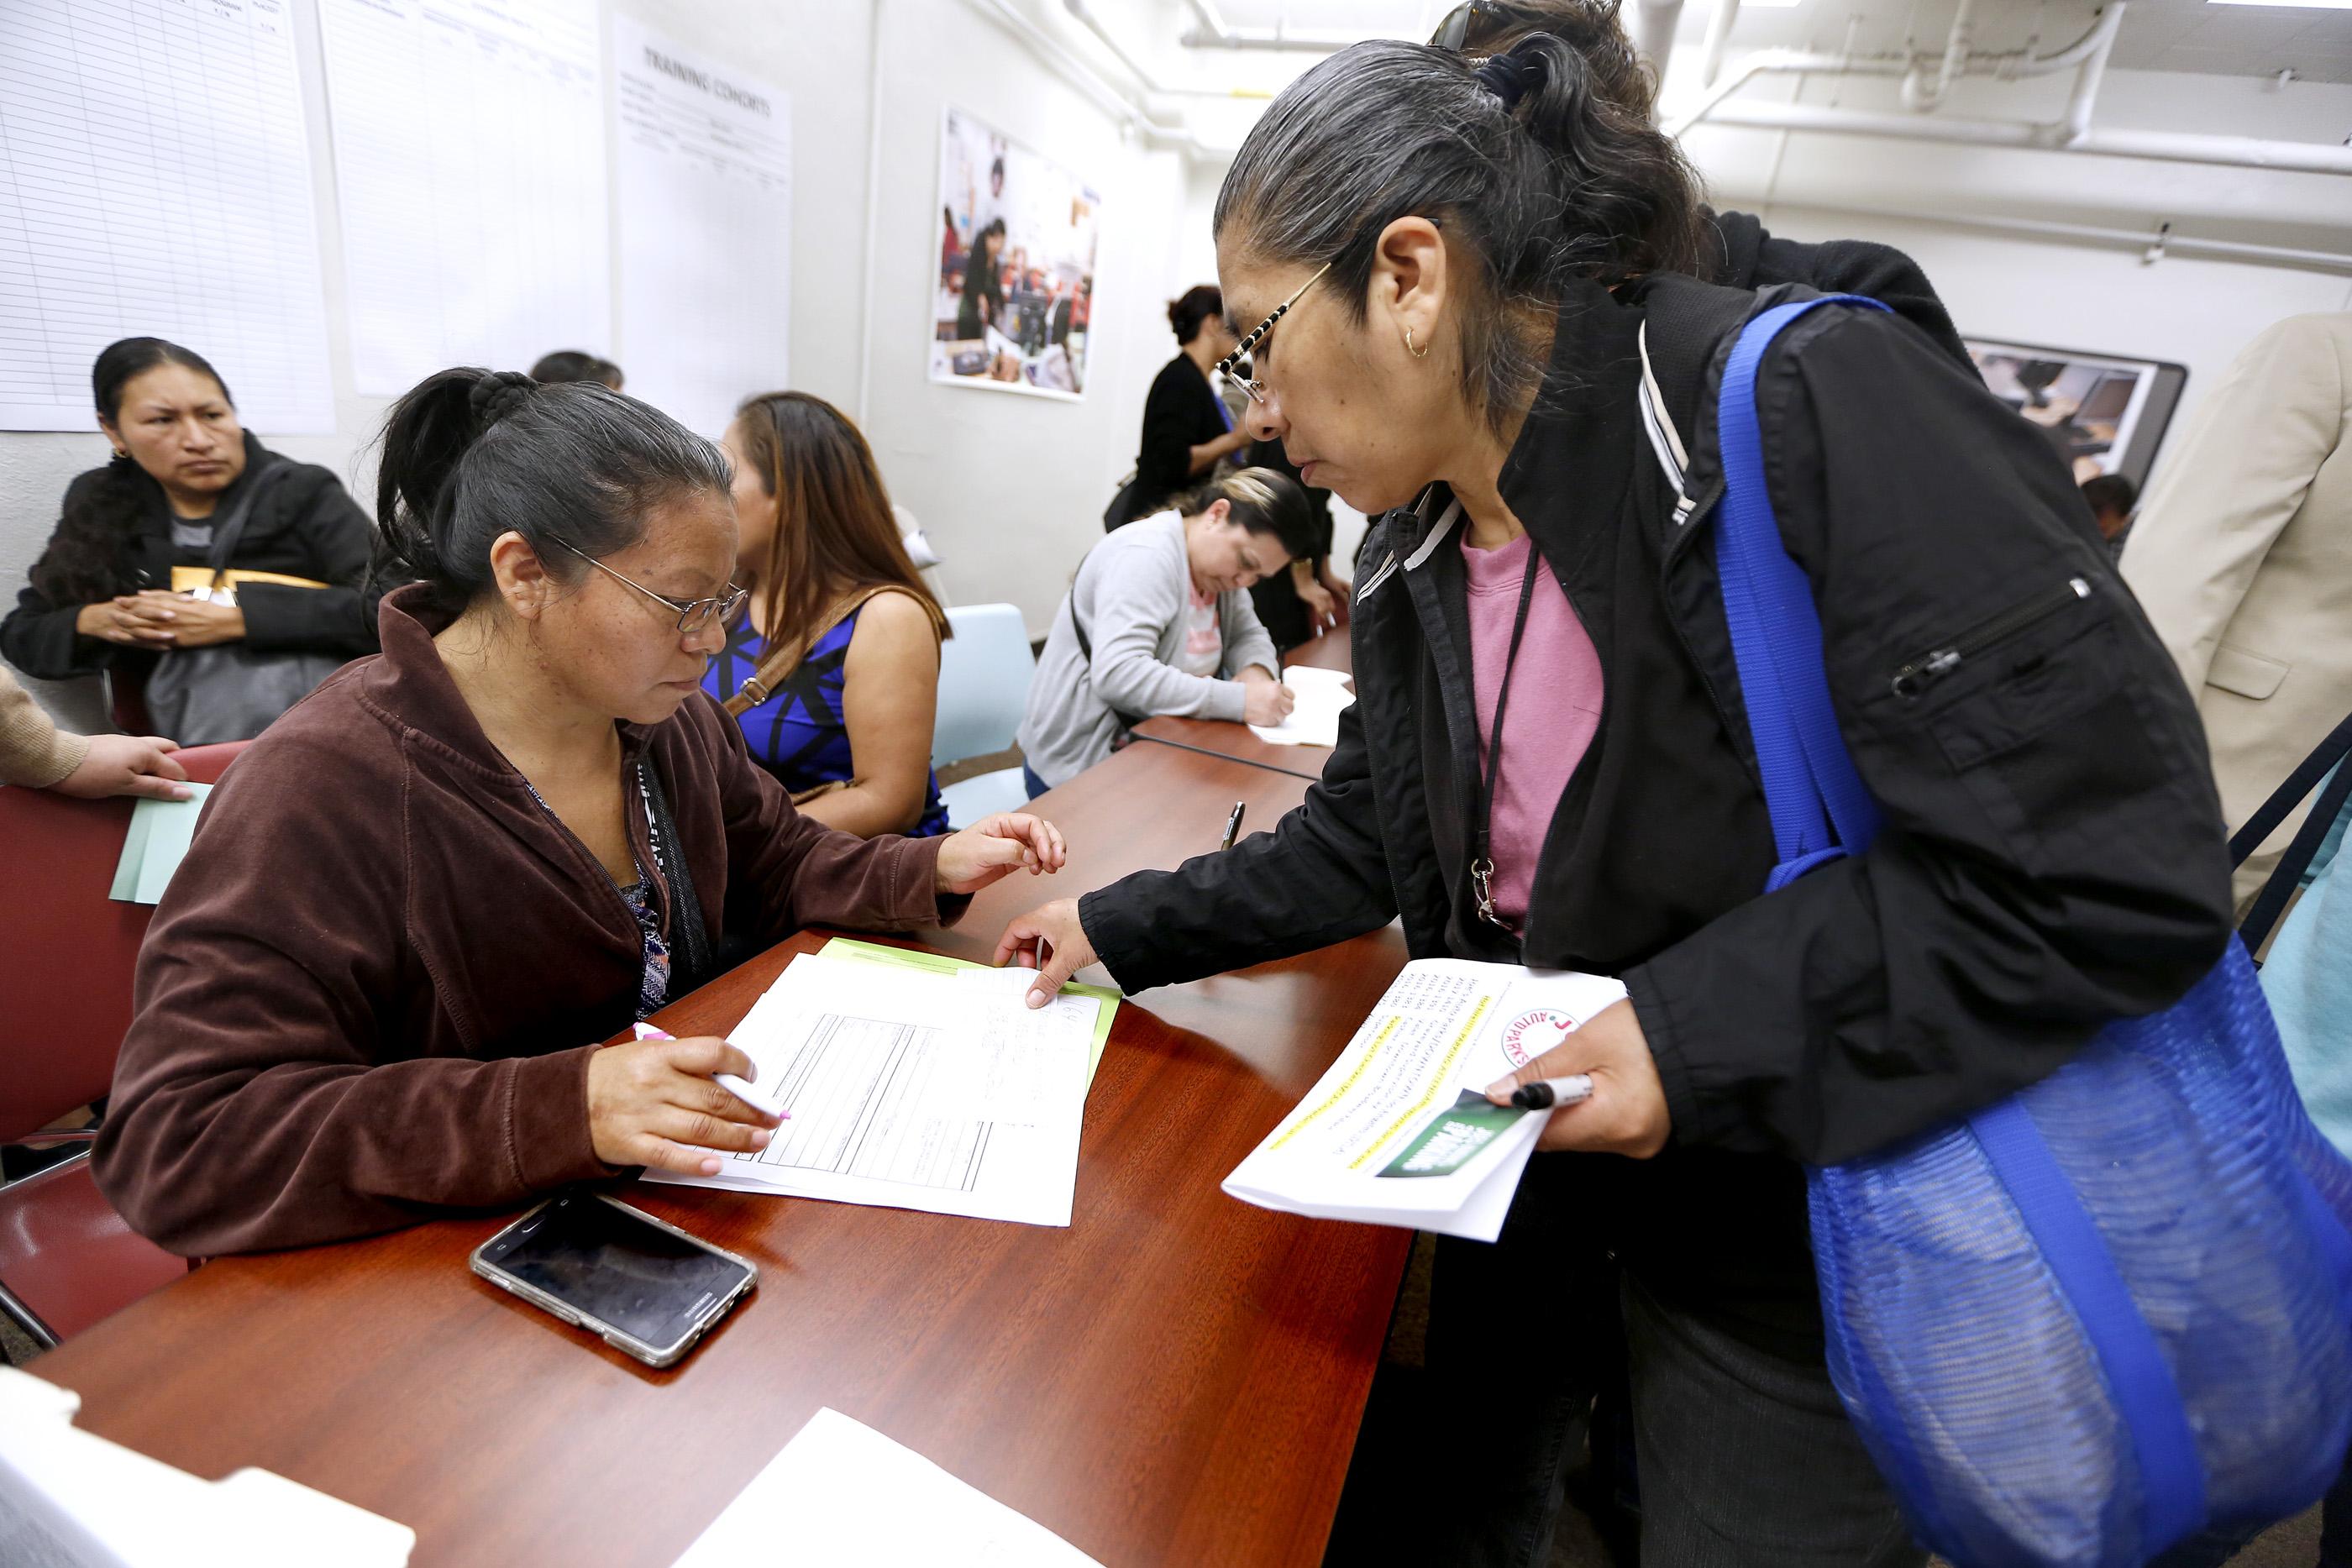 Durante la feria de empleo en el LATTC, docenas de exempleados de American Apparel aprovecharon las inscripciones. (Foto: Aurelia Ventura/La Opinión)